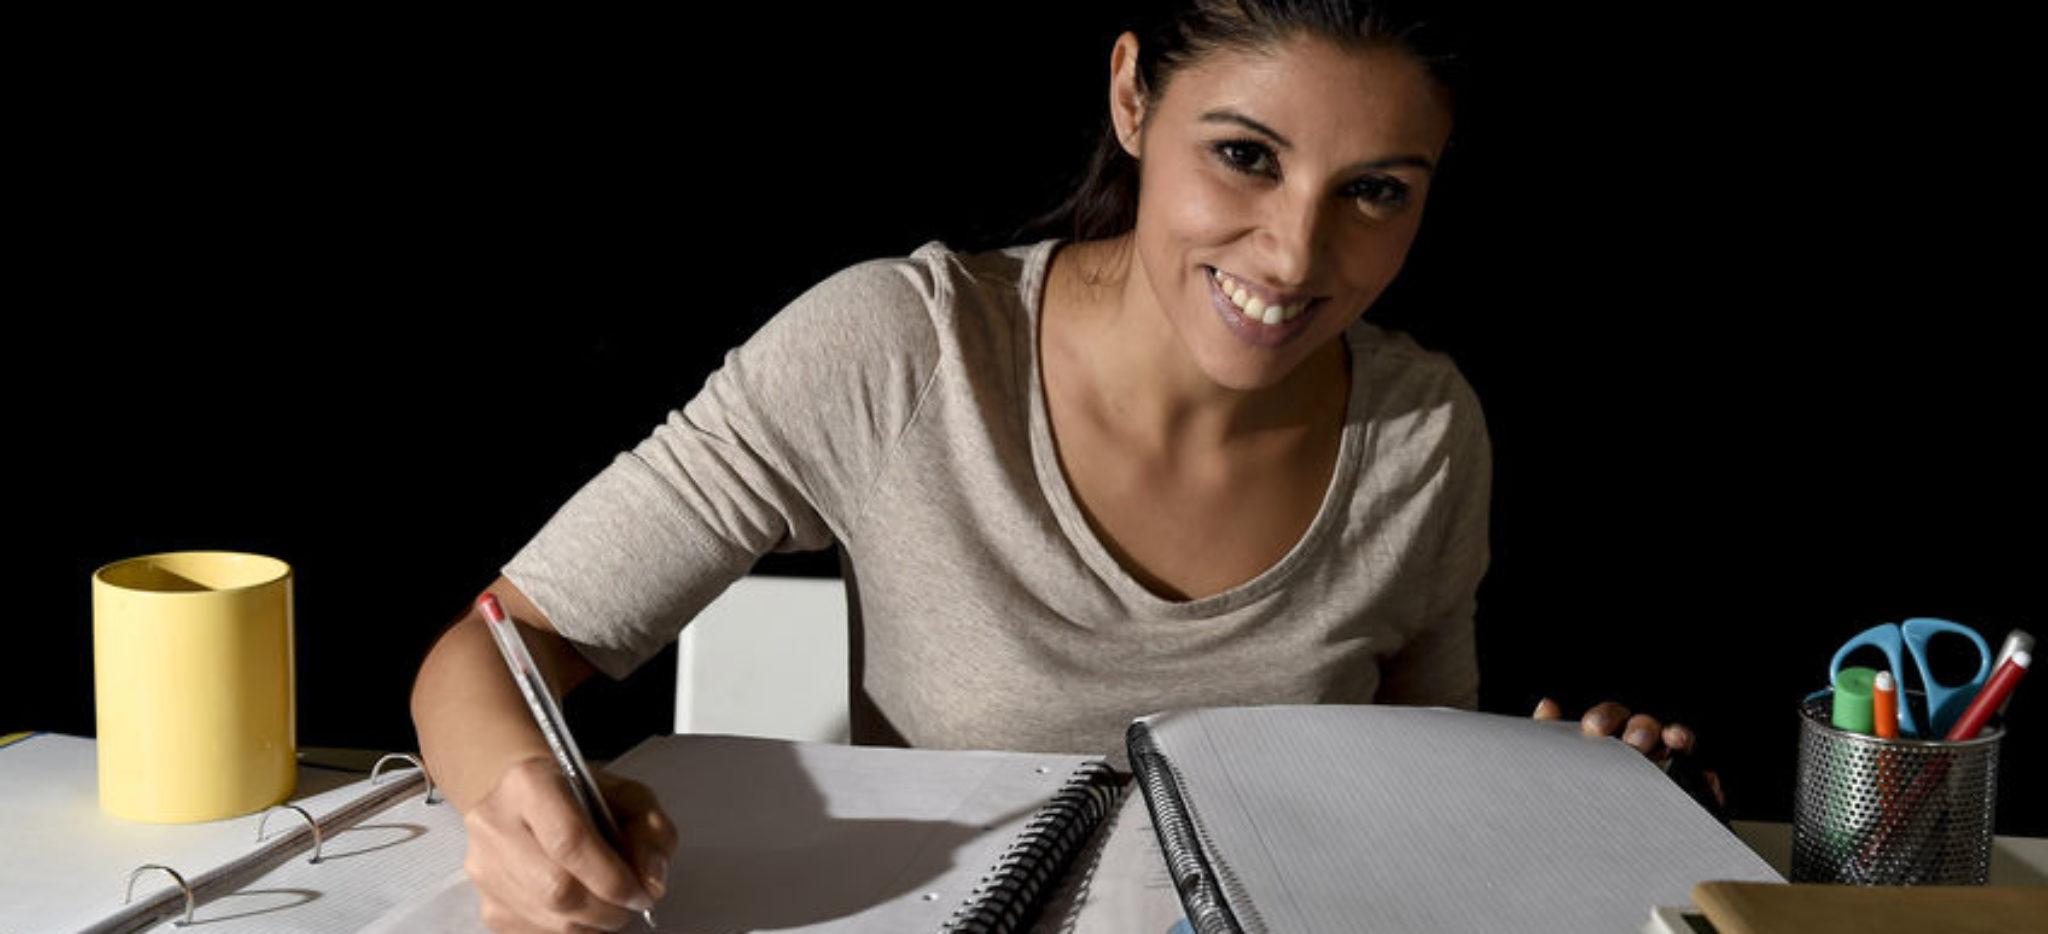 스페인 수능 시험인 PCE에 대해 알아보자